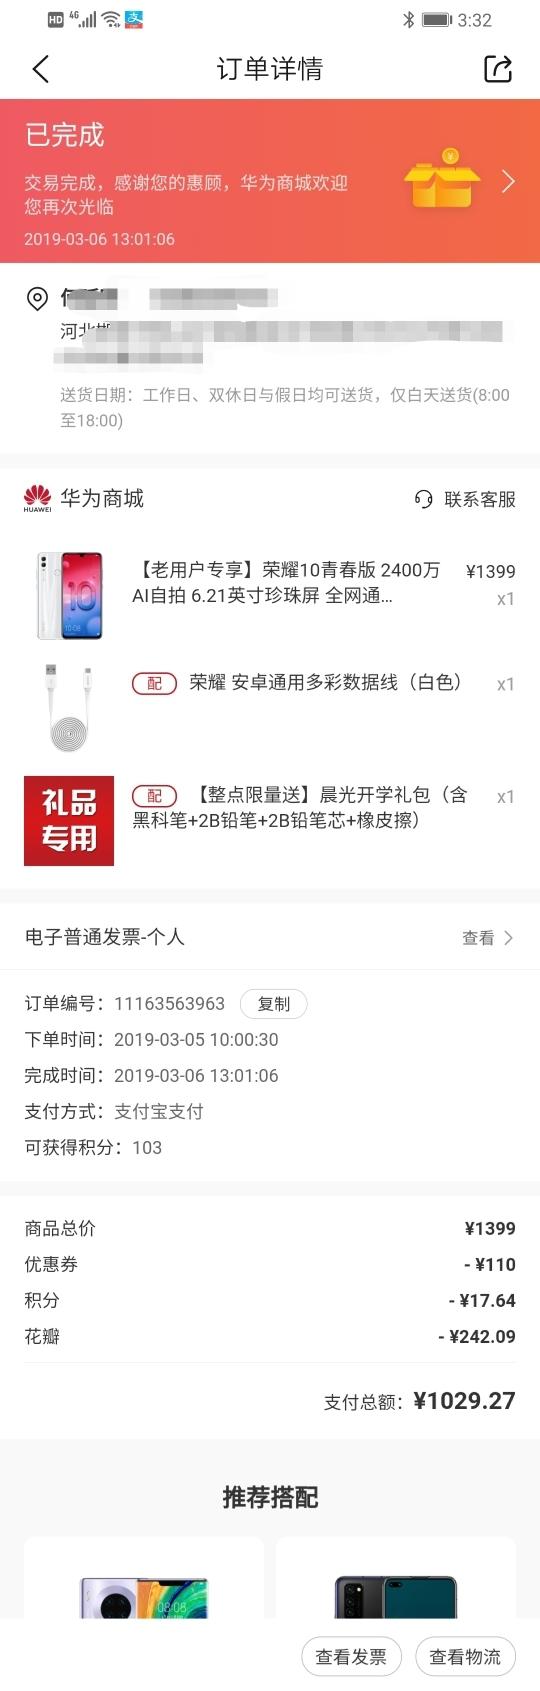 Screenshot_20200116_165046.jpg